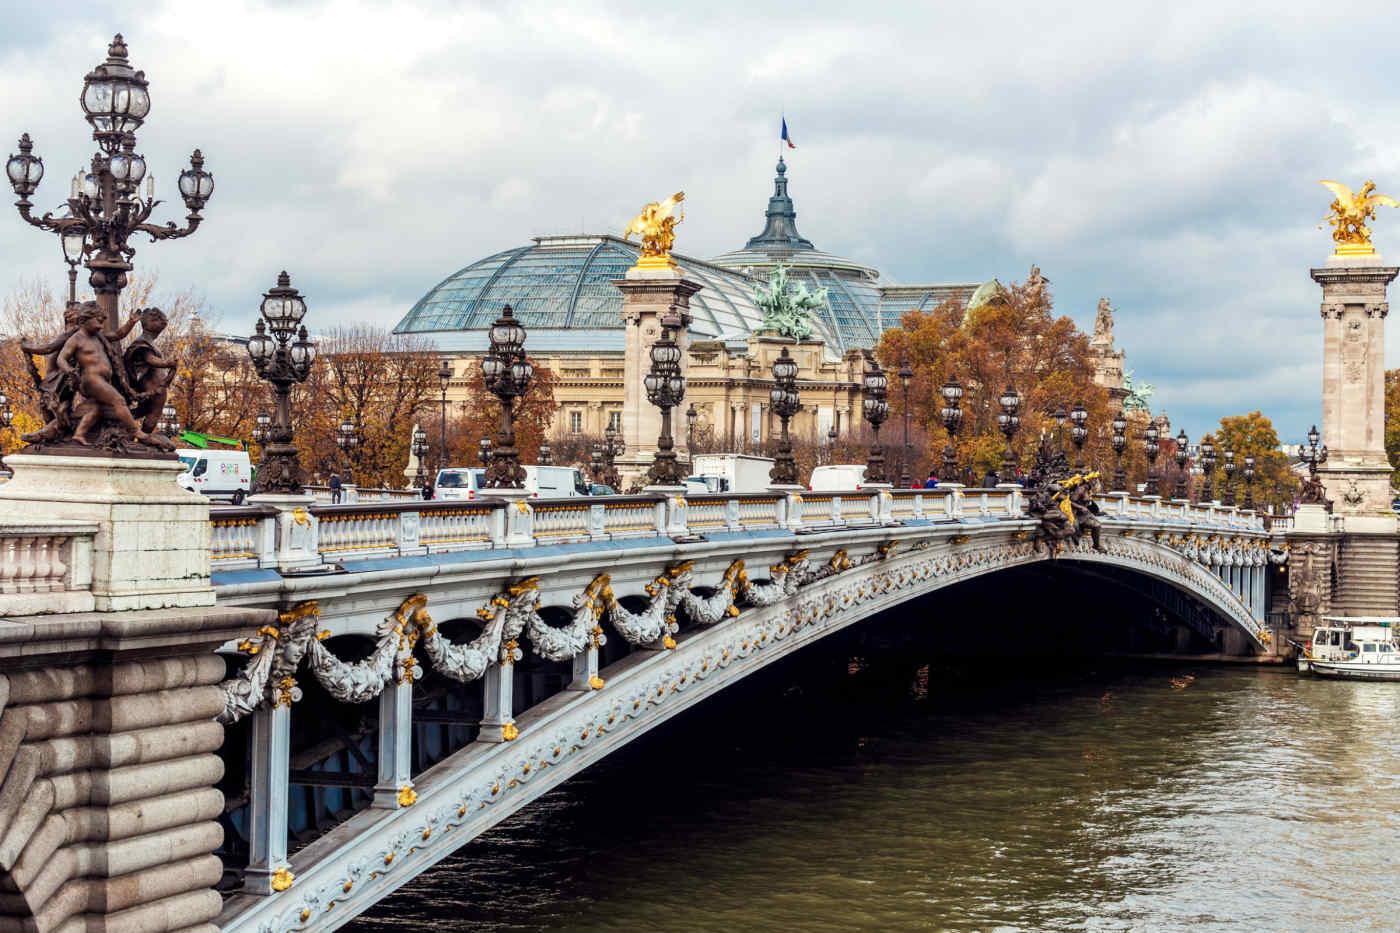 Seine River • Paris, France